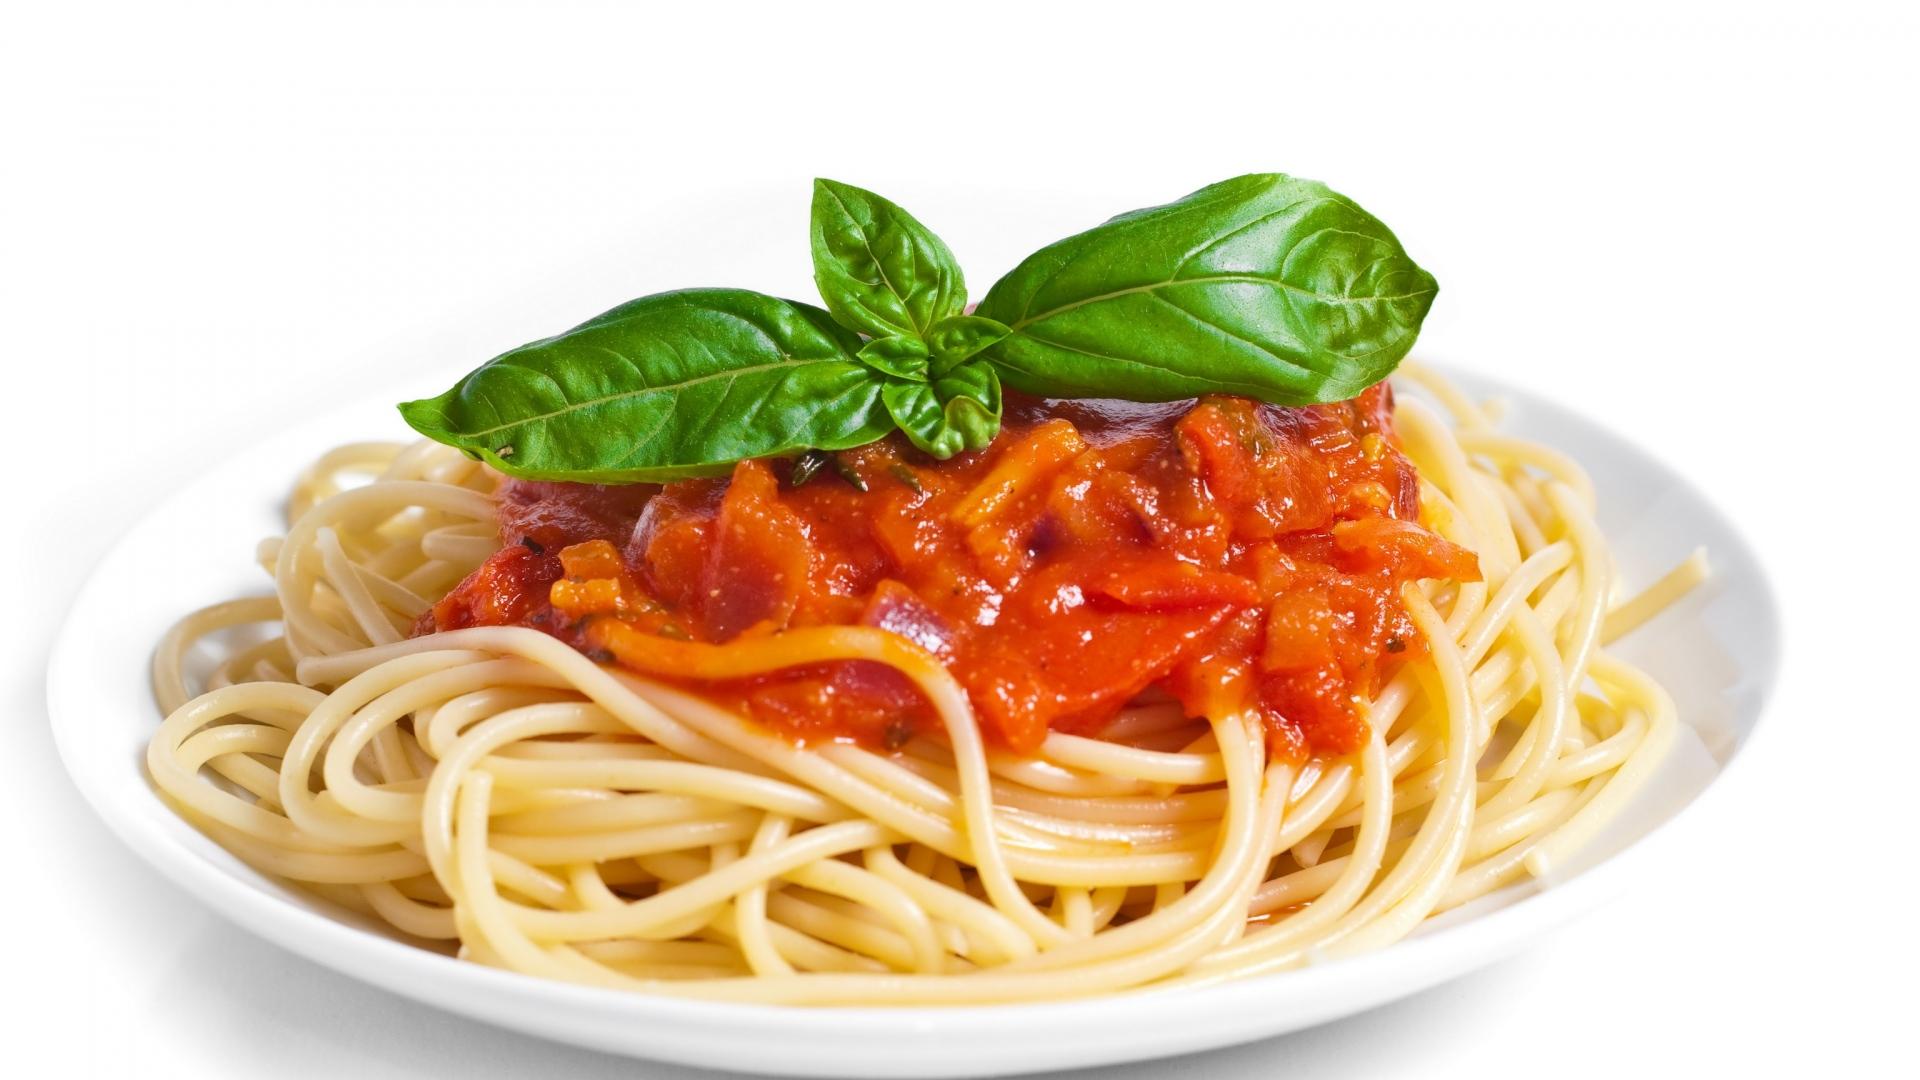 Spaghetti clipart wallpaper pencil and in color spaghetti.